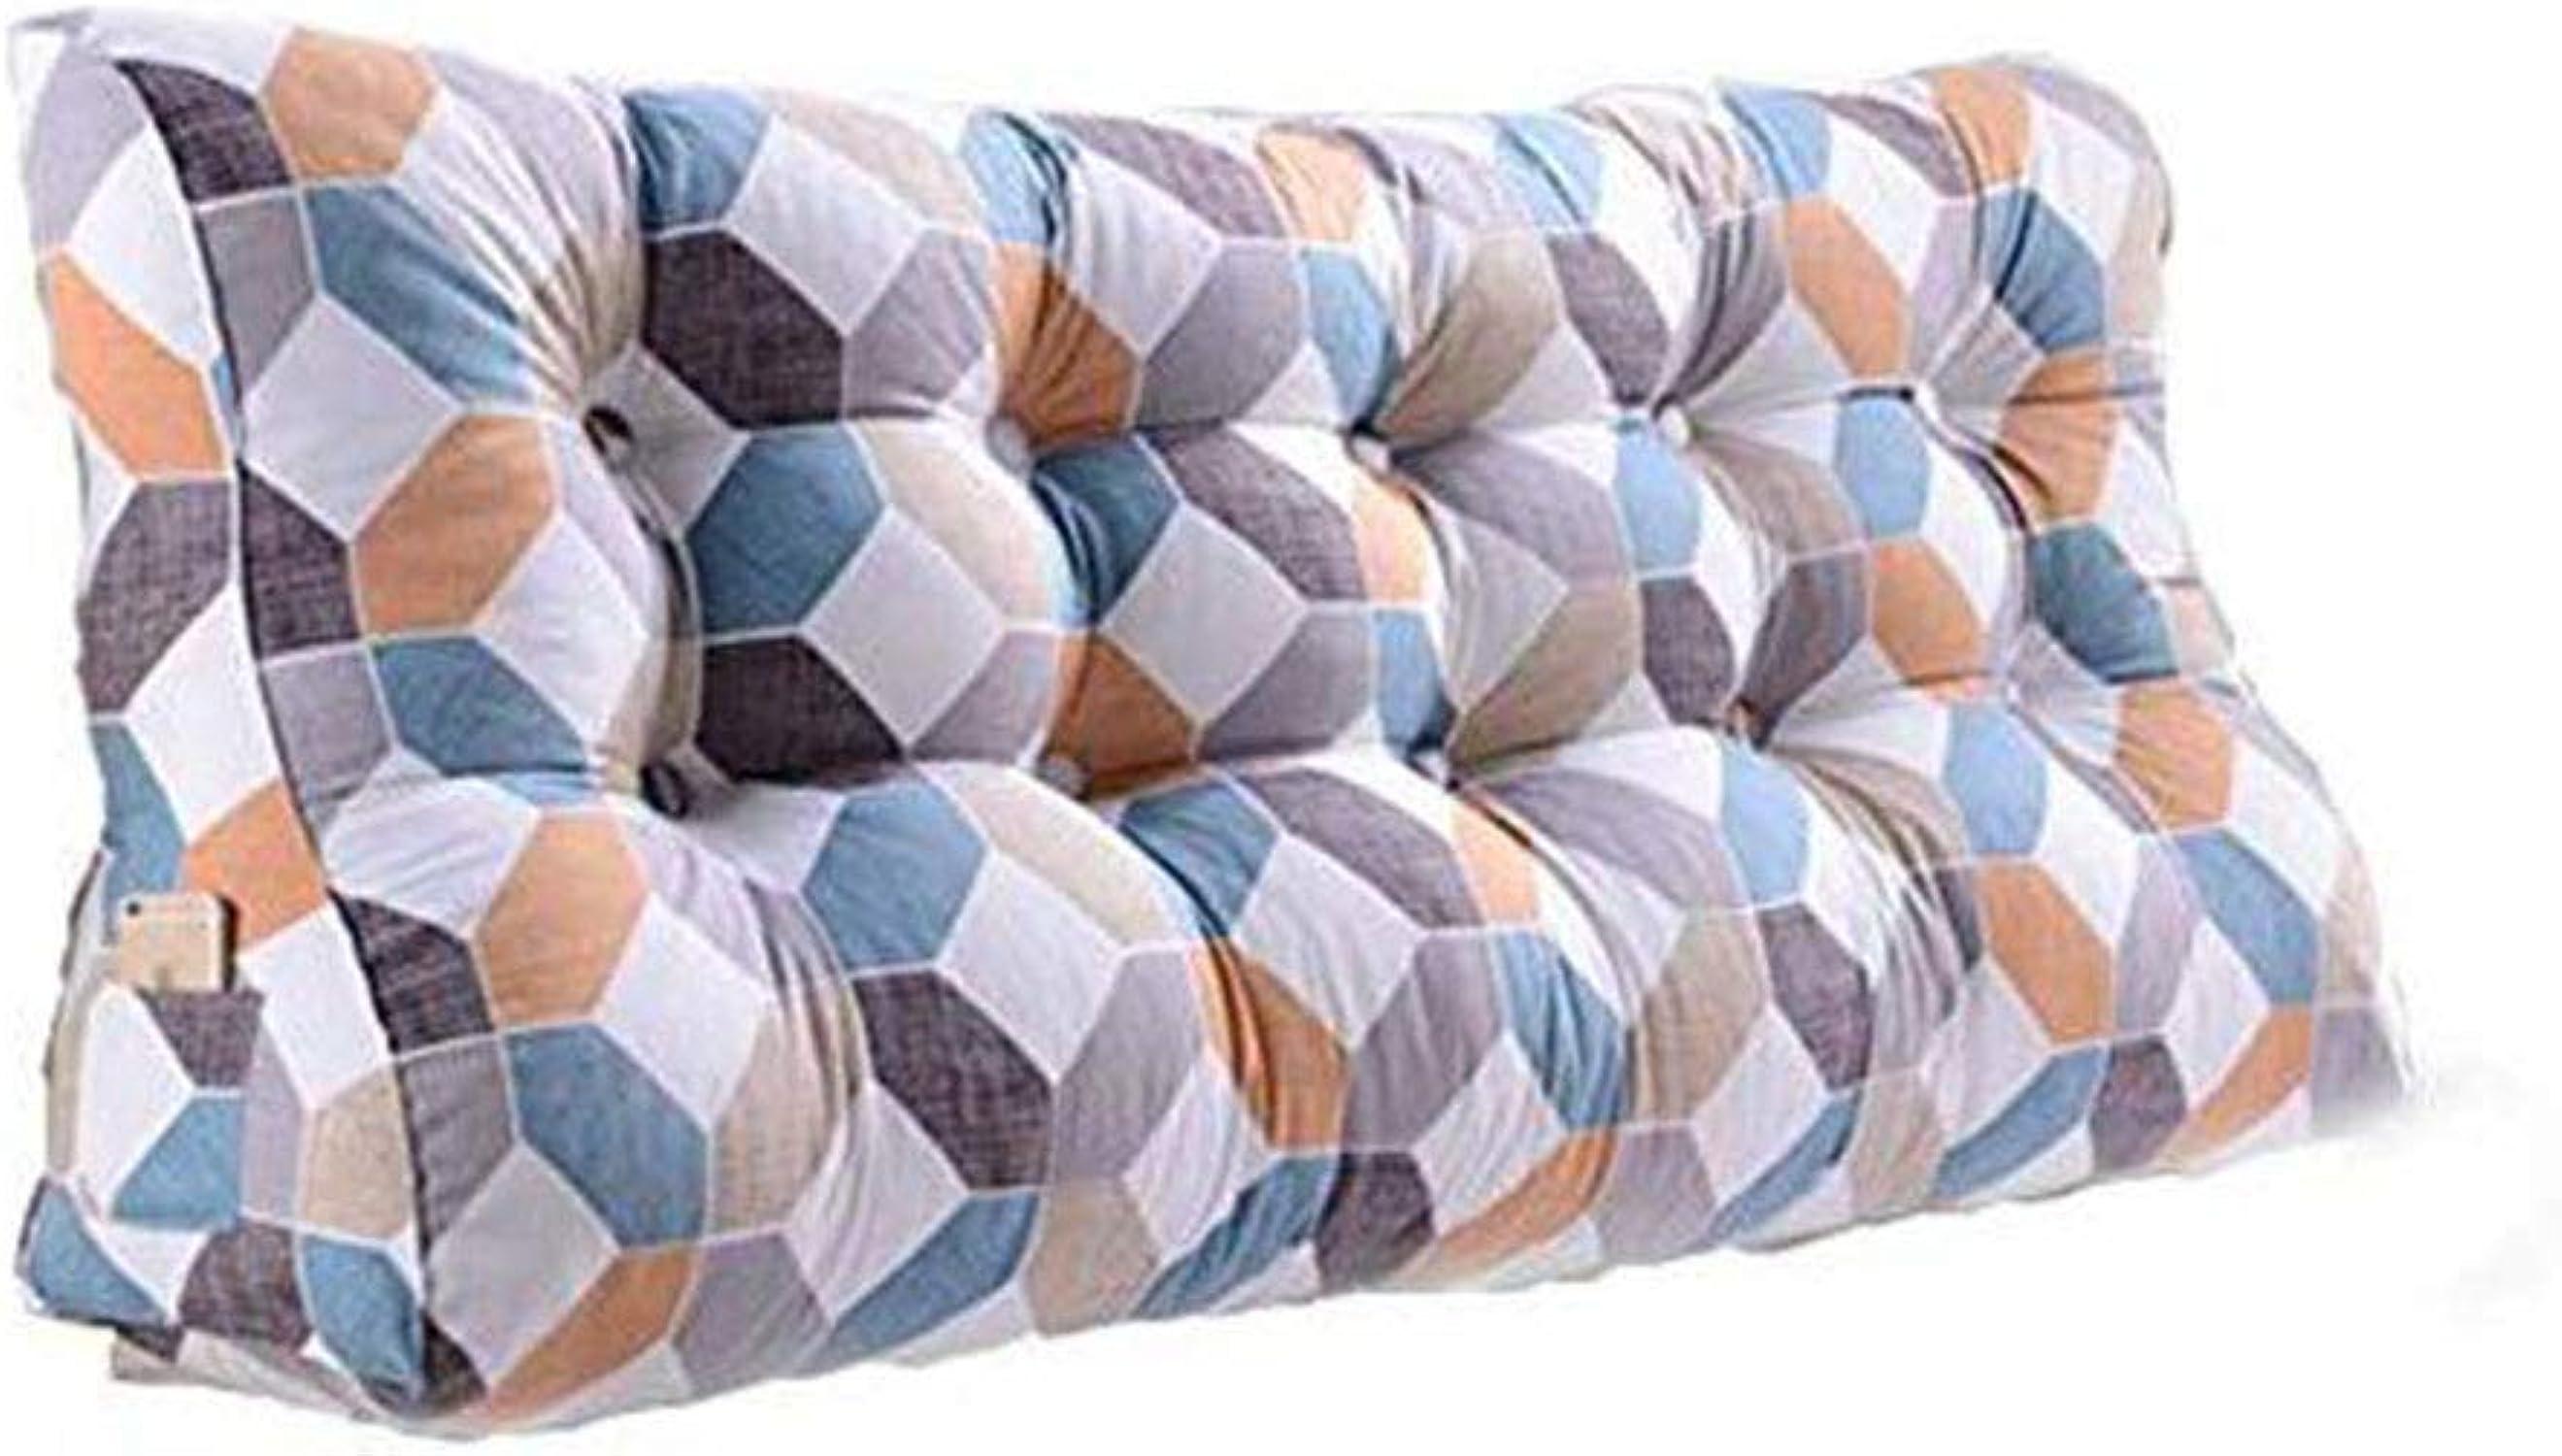 auténtico GLL Cabecero Doble Doble Doble Soft Bag Triangle Cojín Pillow Pillow Lumbar Pillow Sofa Cama Trasera Cintura Grande (Color   2 , Tamaño   90cm)  Para tu estilo de juego a los precios más baratos.